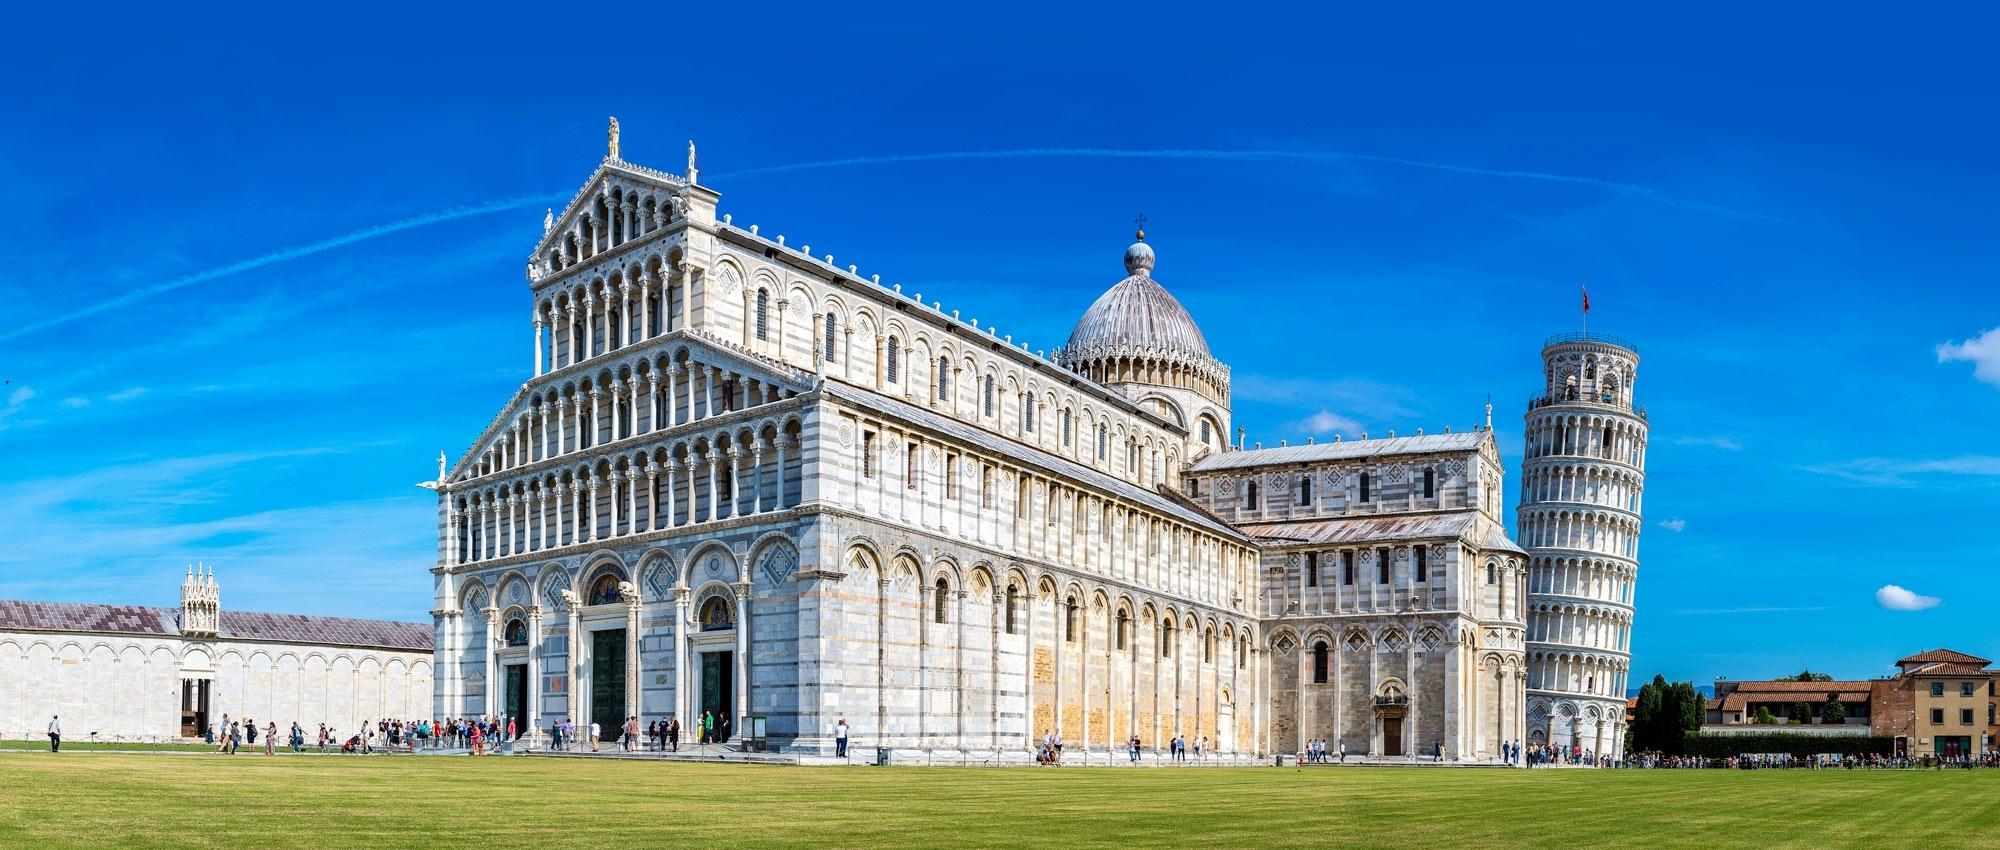 Luxury Car Hire Pisa Airport